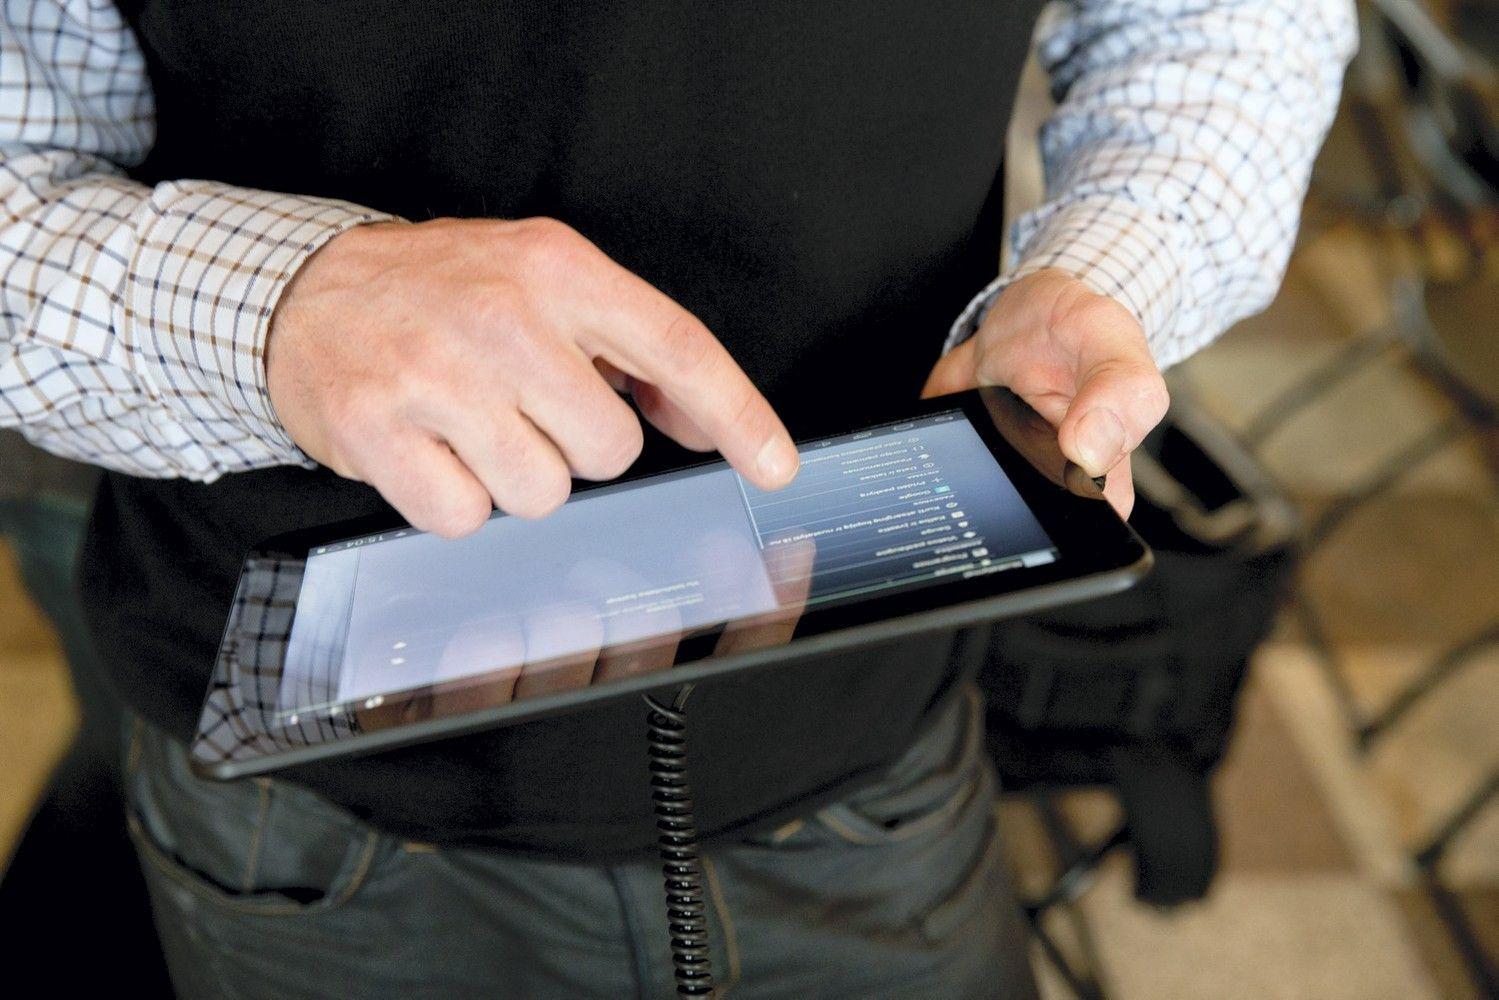 Artėjant BDAR kartojama: Duomenų inspekcija kurį laiką nebaus